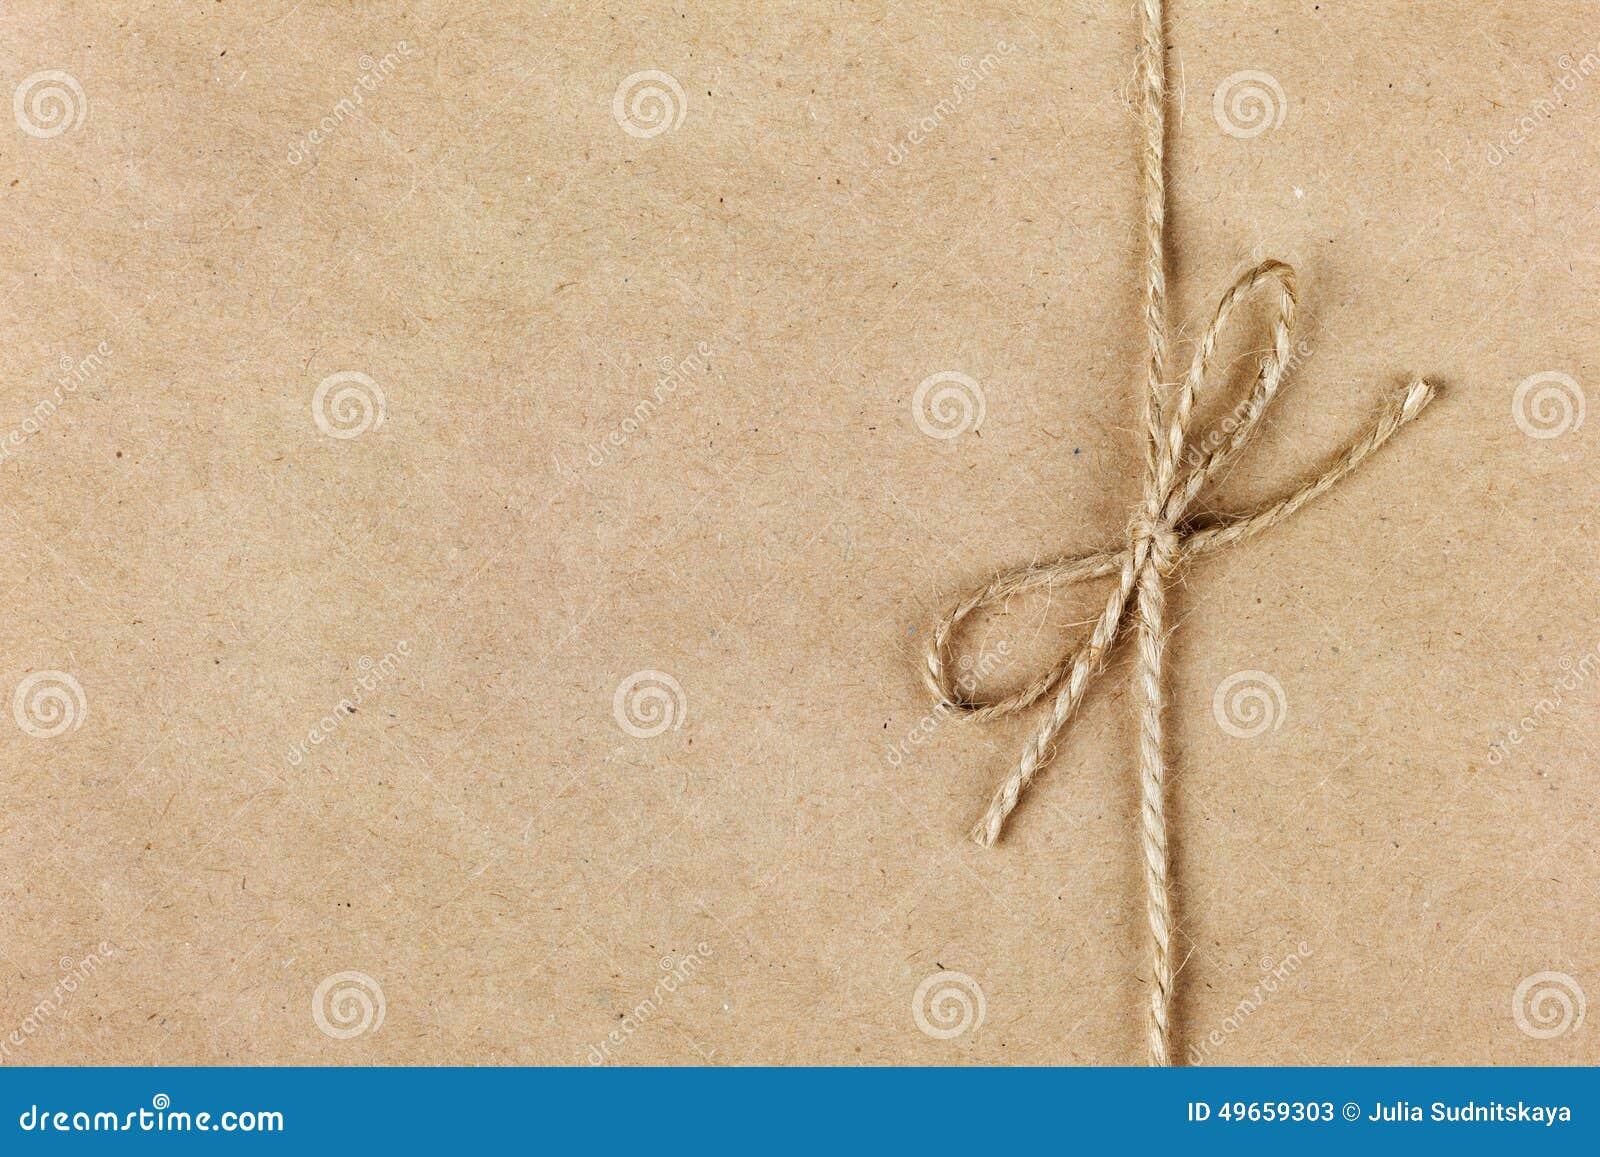 Corda ou guita amarrada em uma curva no papel de embalagem